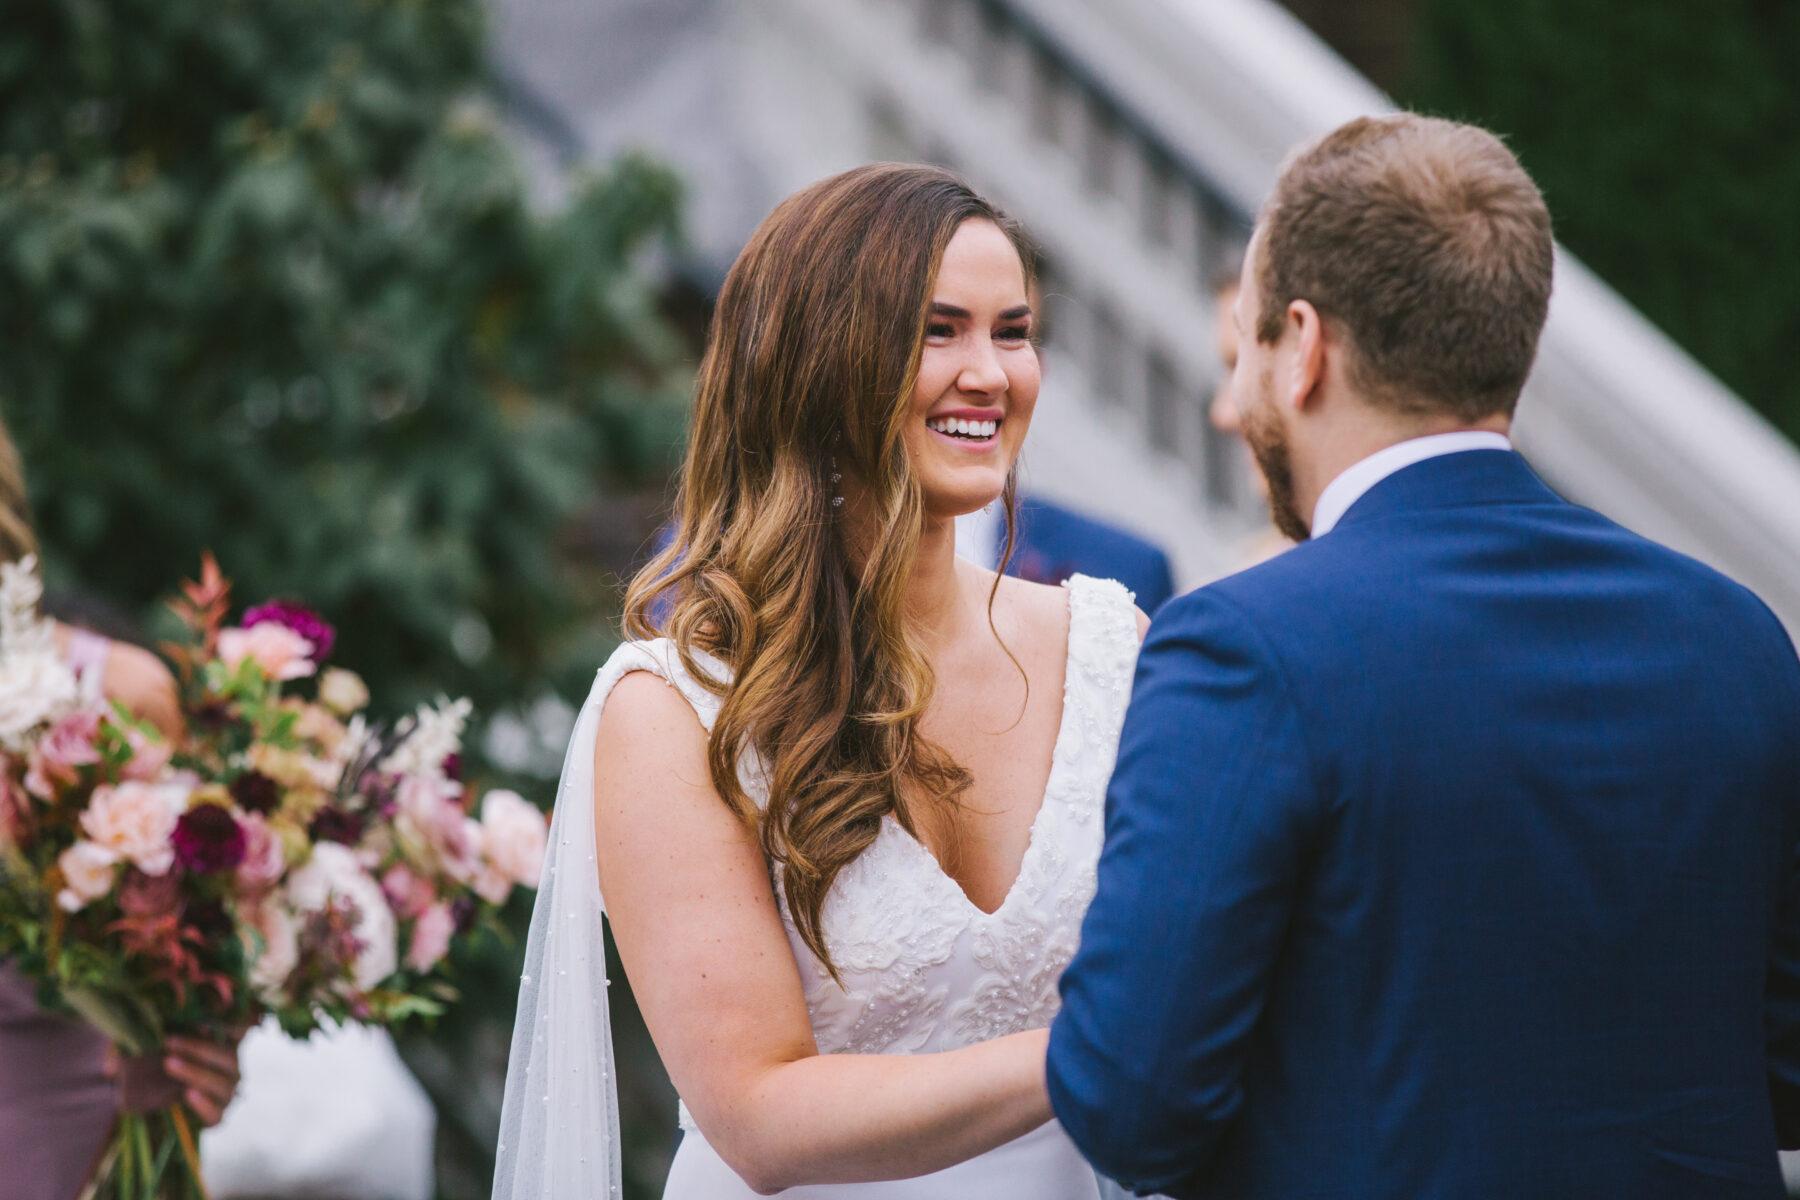 The Cordelle Outdoor Wedding Ceremony | Nashville Bride Guide